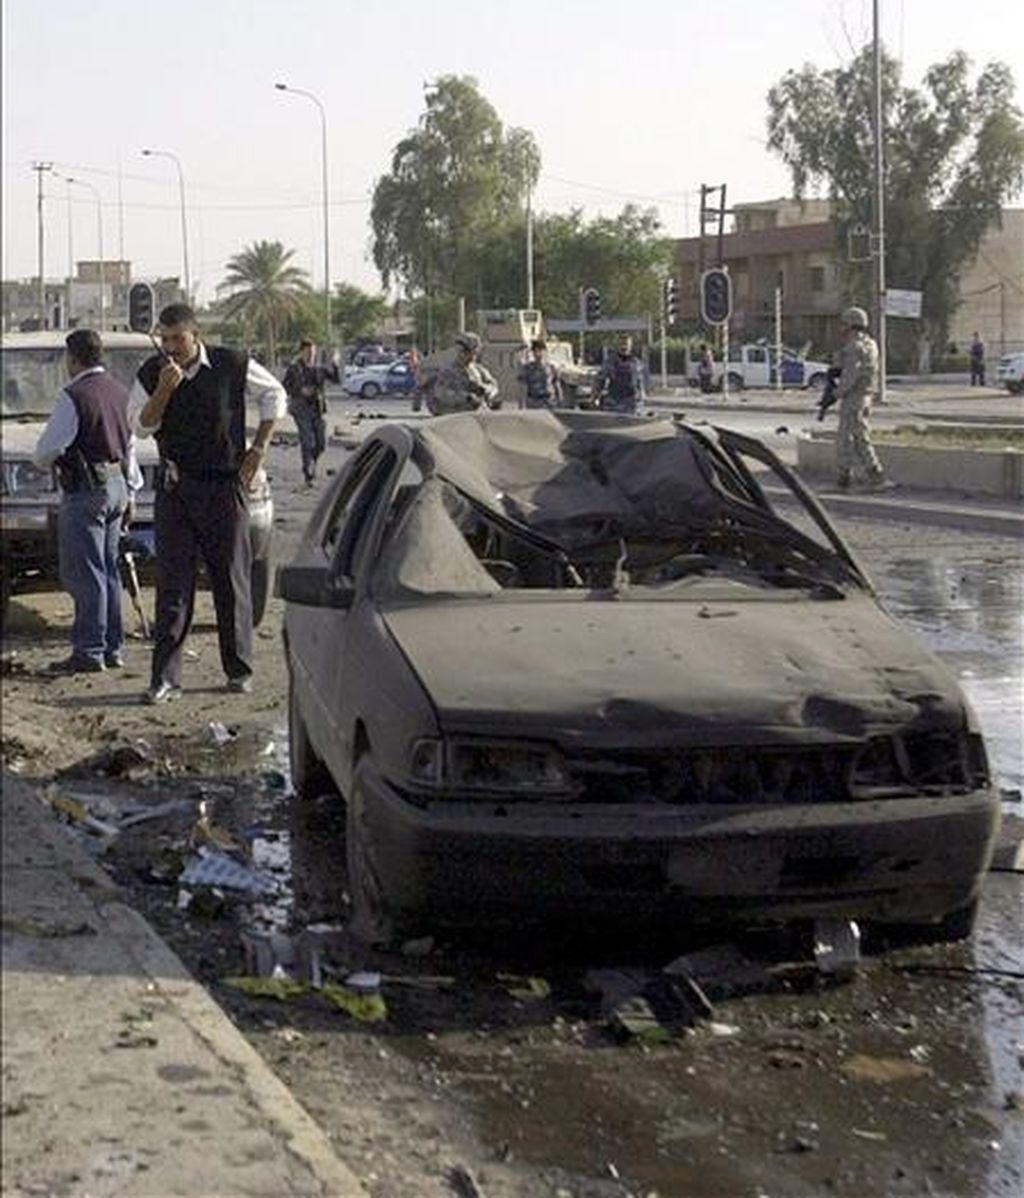 Escenario de los uno de los últimos atentados registrados en Tikrit, Irak, el pasado mes de abril. EFE/Archivo